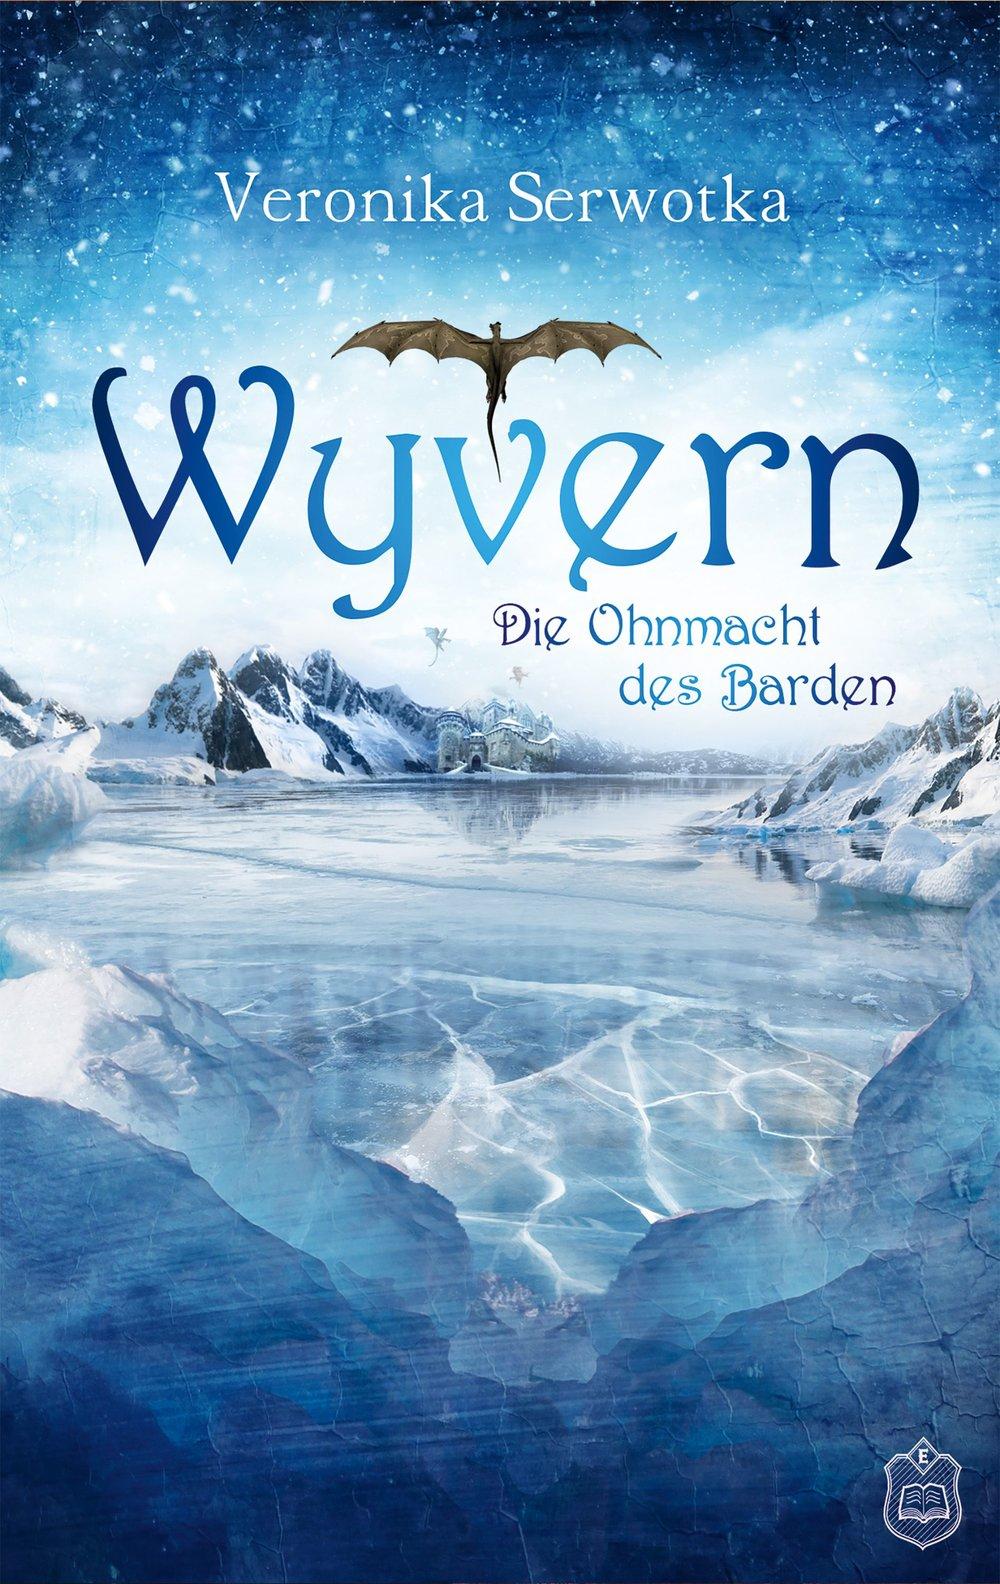 Wyvern-Die-Ohnmacht-des-Barden_Veronika-Serwotka.jpg